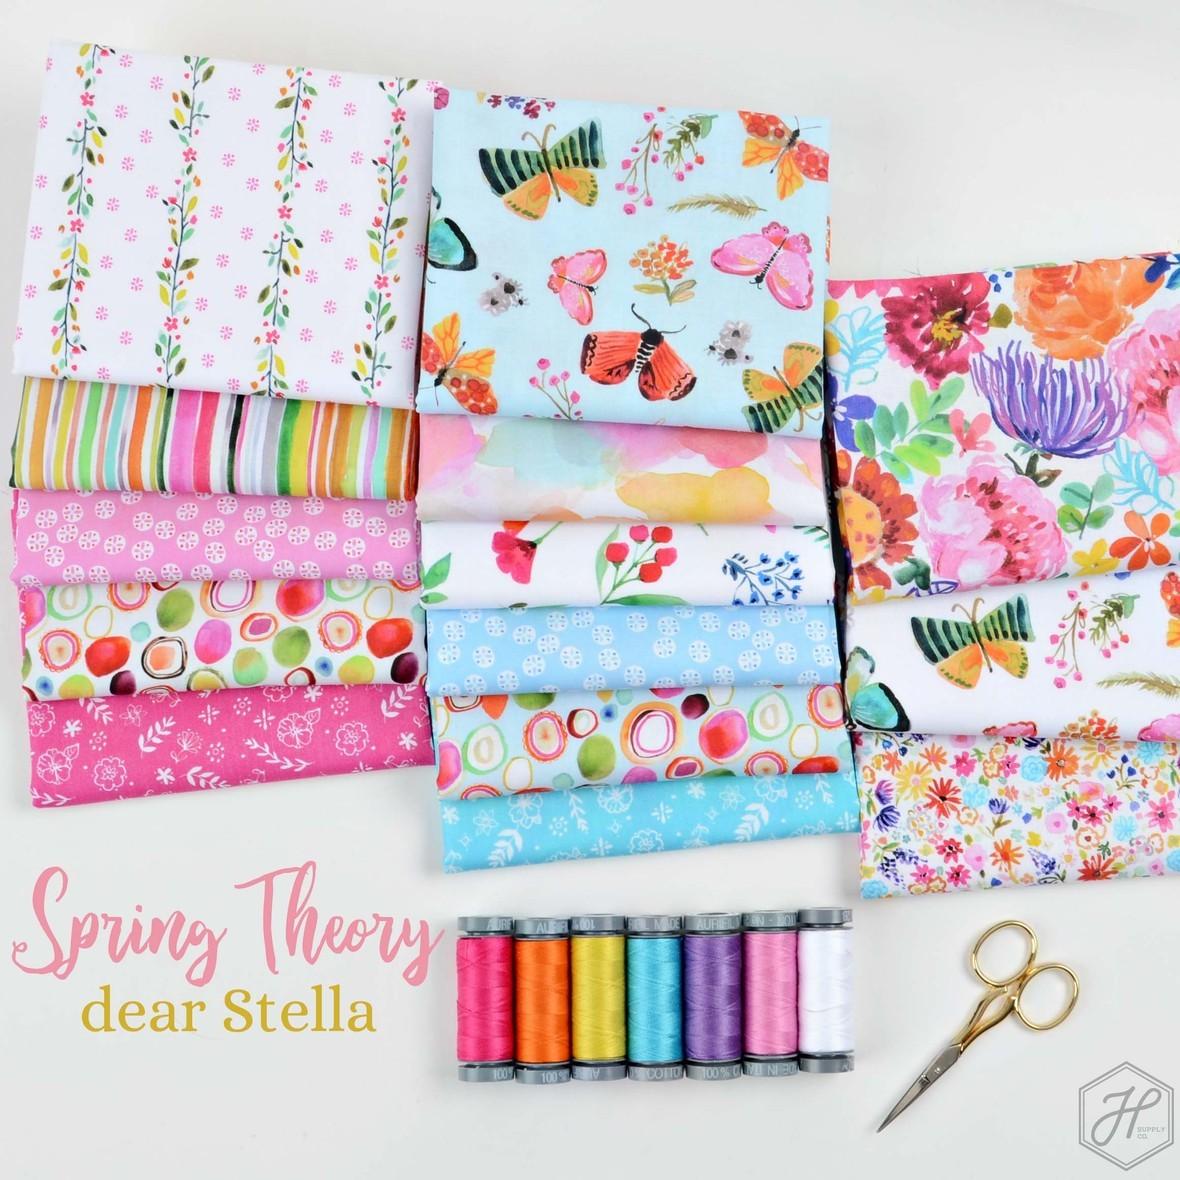 Spring Theory Fabric Dear Stella at Hawthorne